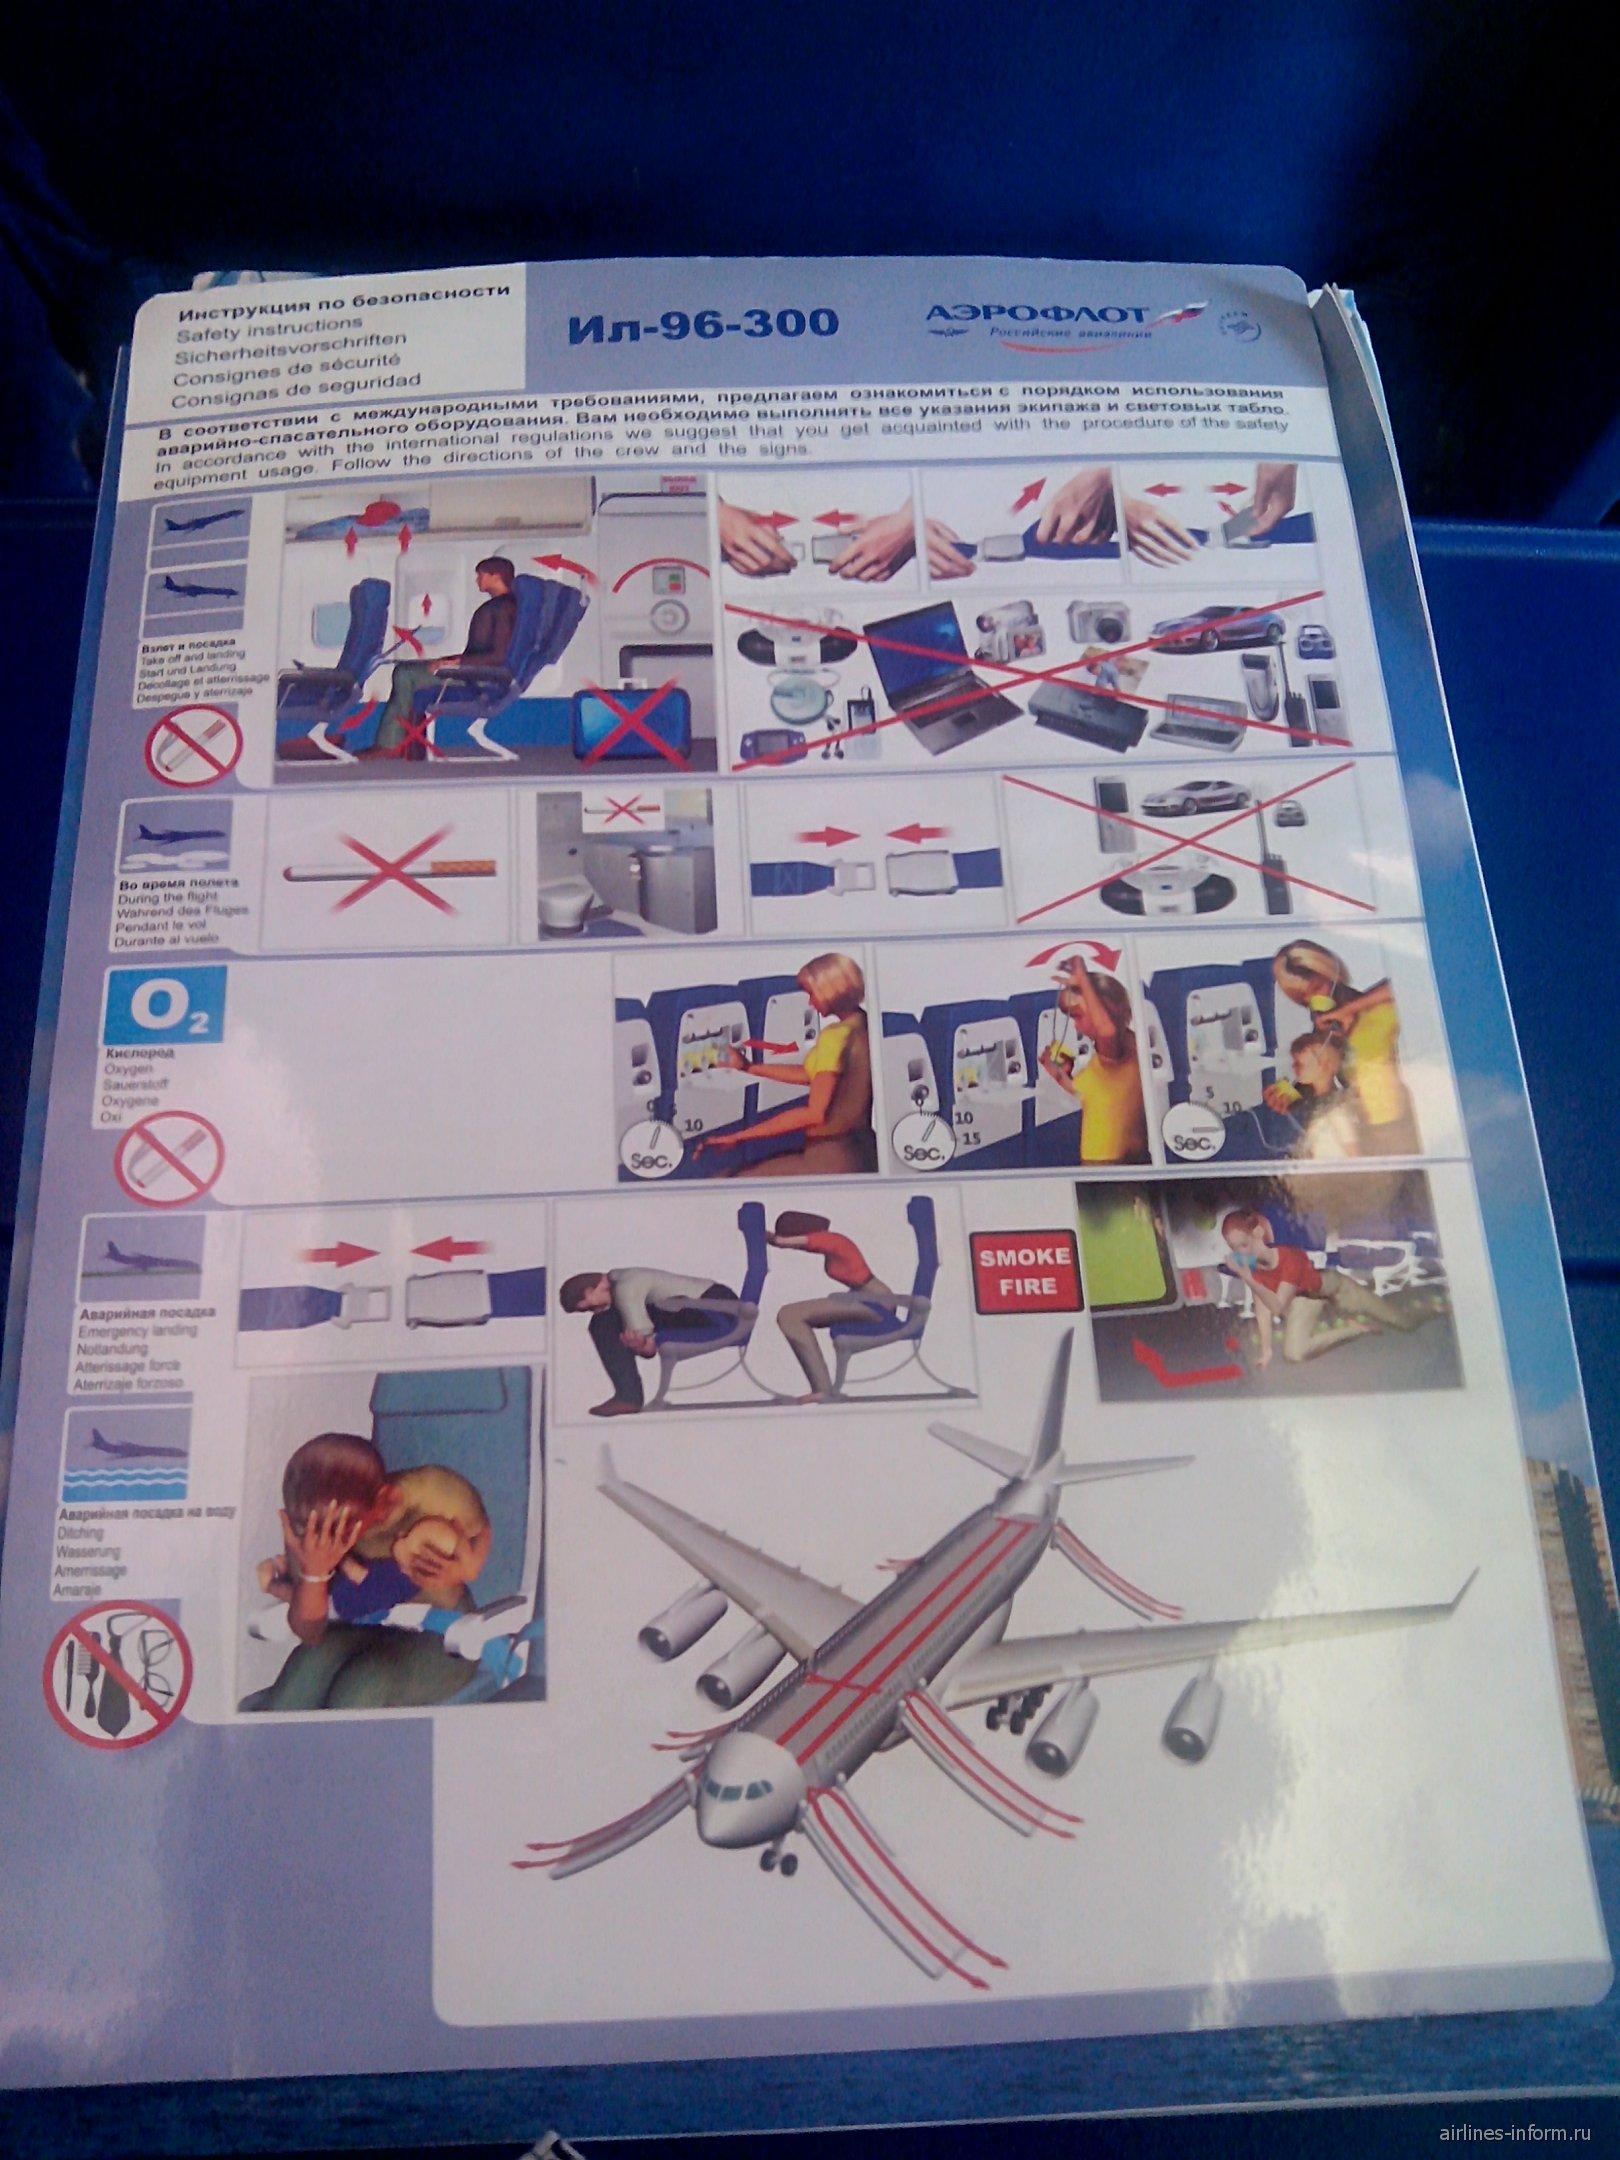 Инструкция по безопасности самолета Ил-96 Аэрофлота